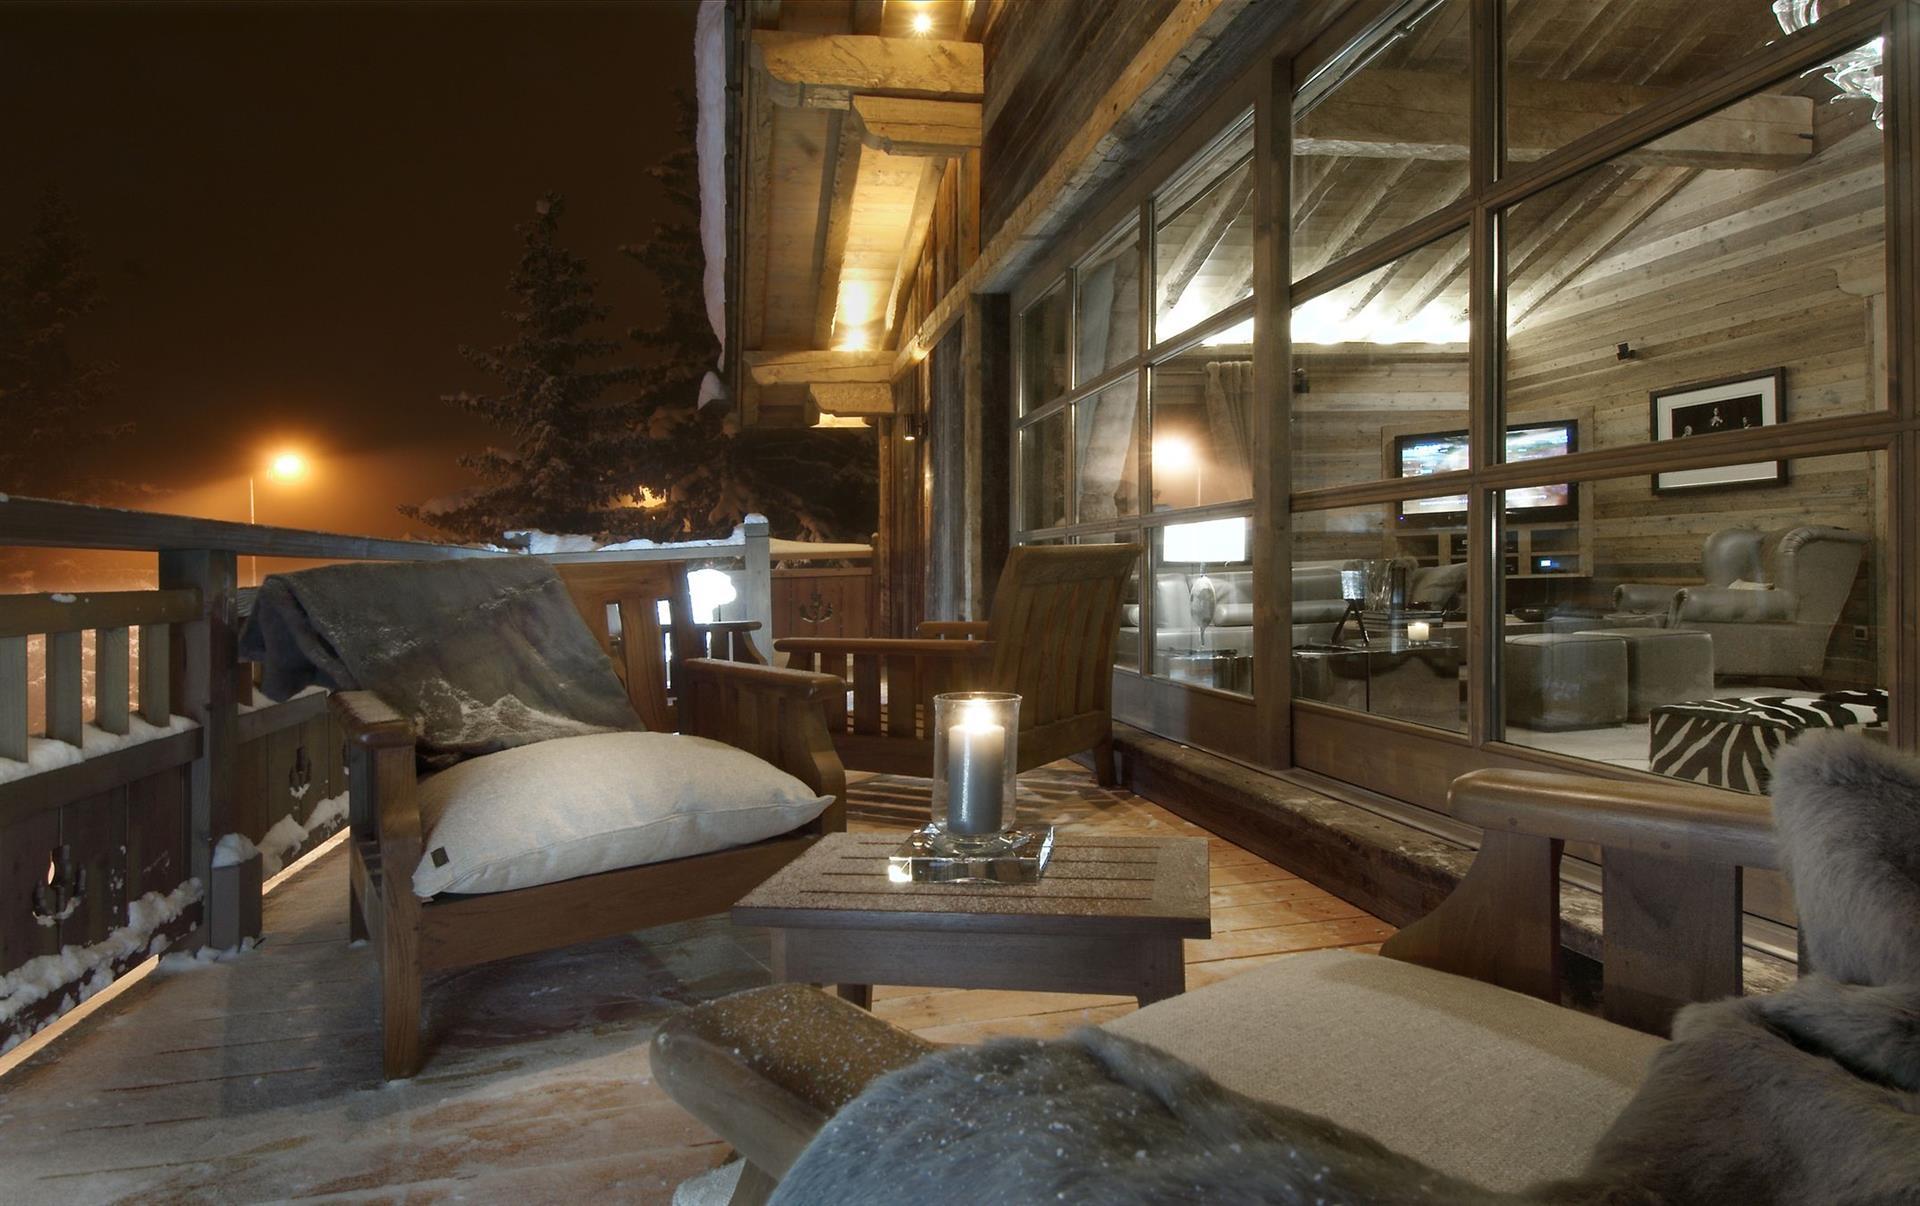 Grande Roche Courchevel Deals Amp Availability Luxury Ski